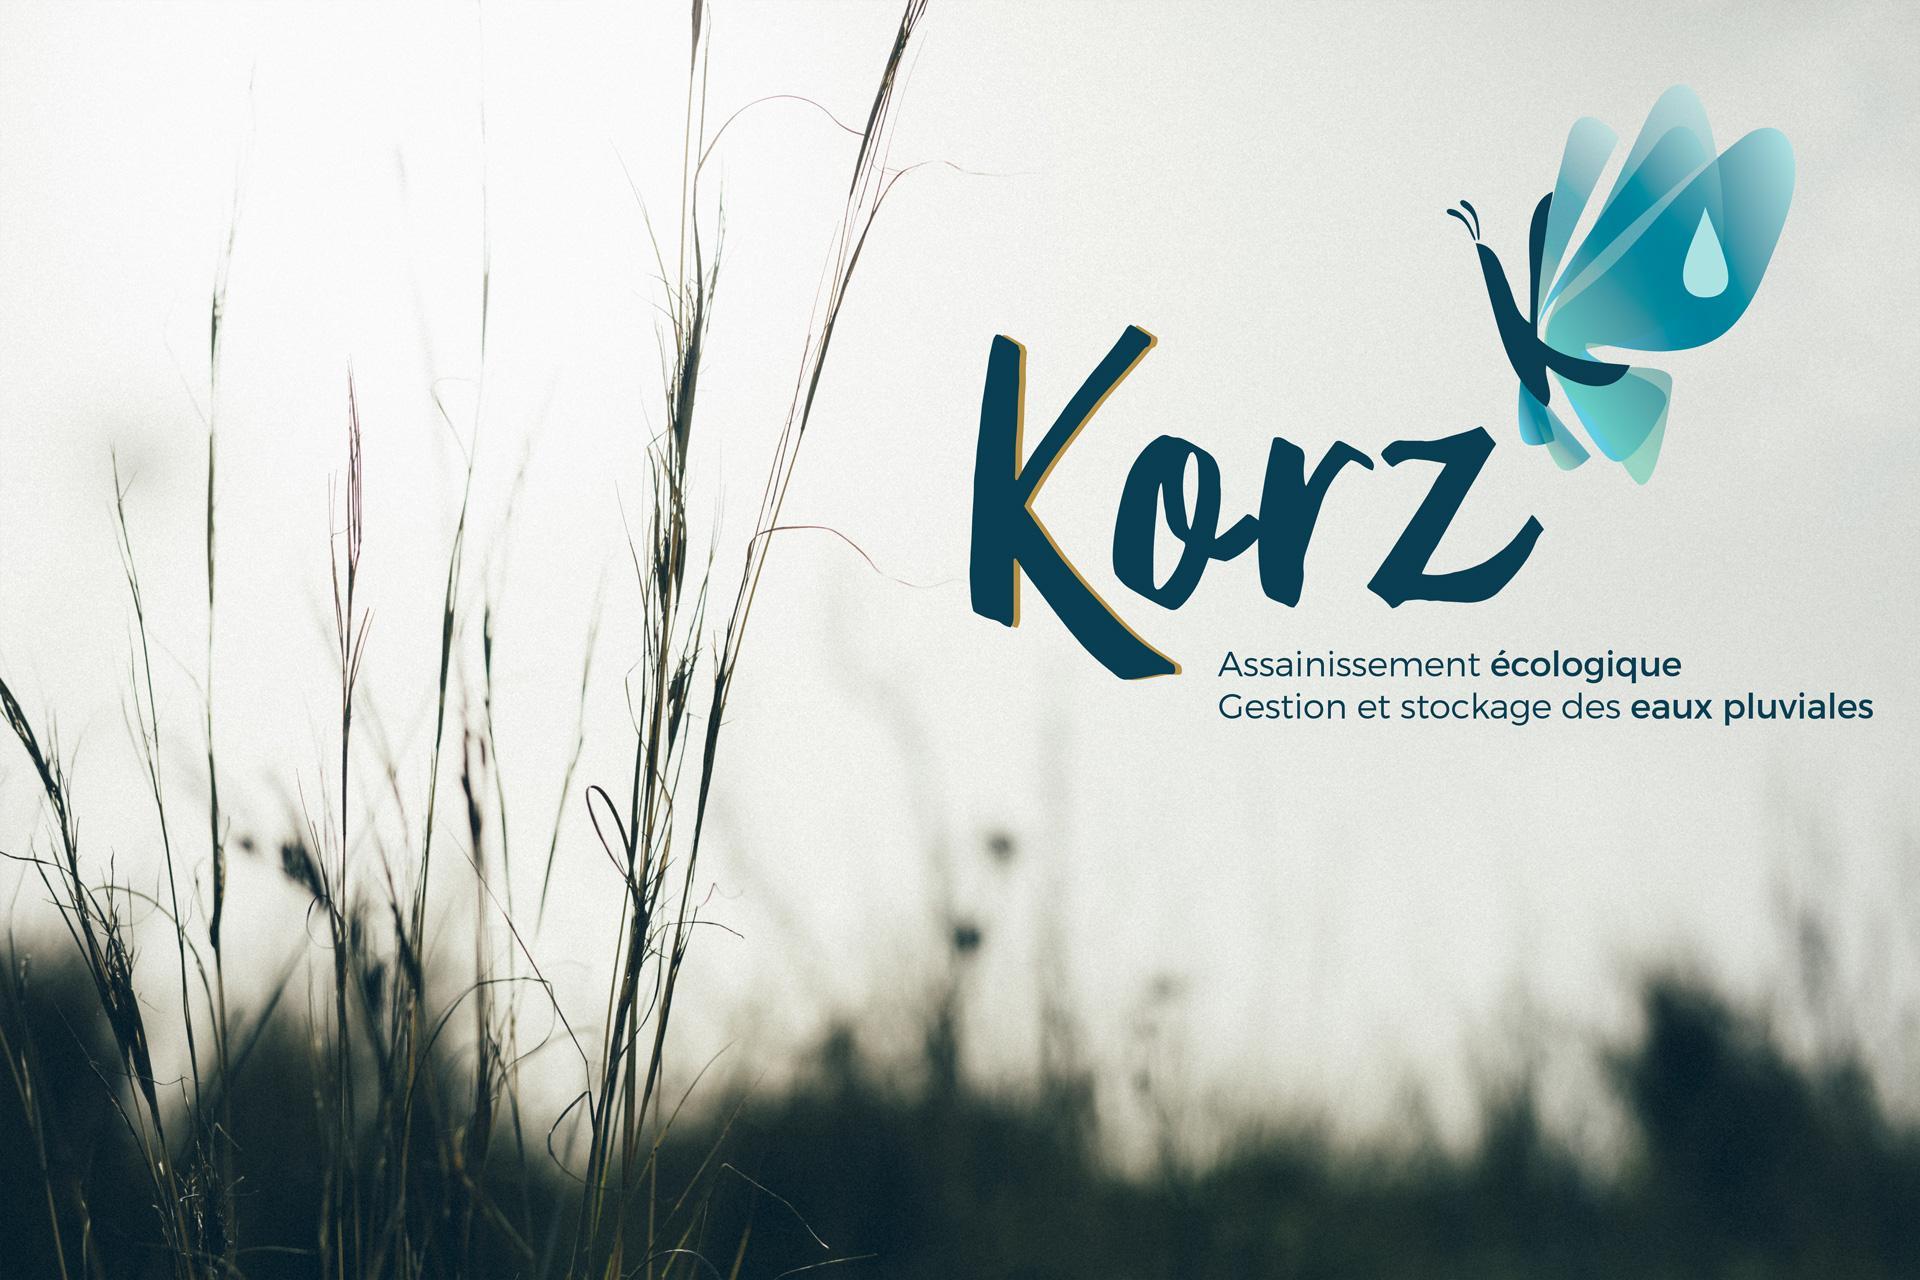 Korz - phytoépuration & assainissement écologique